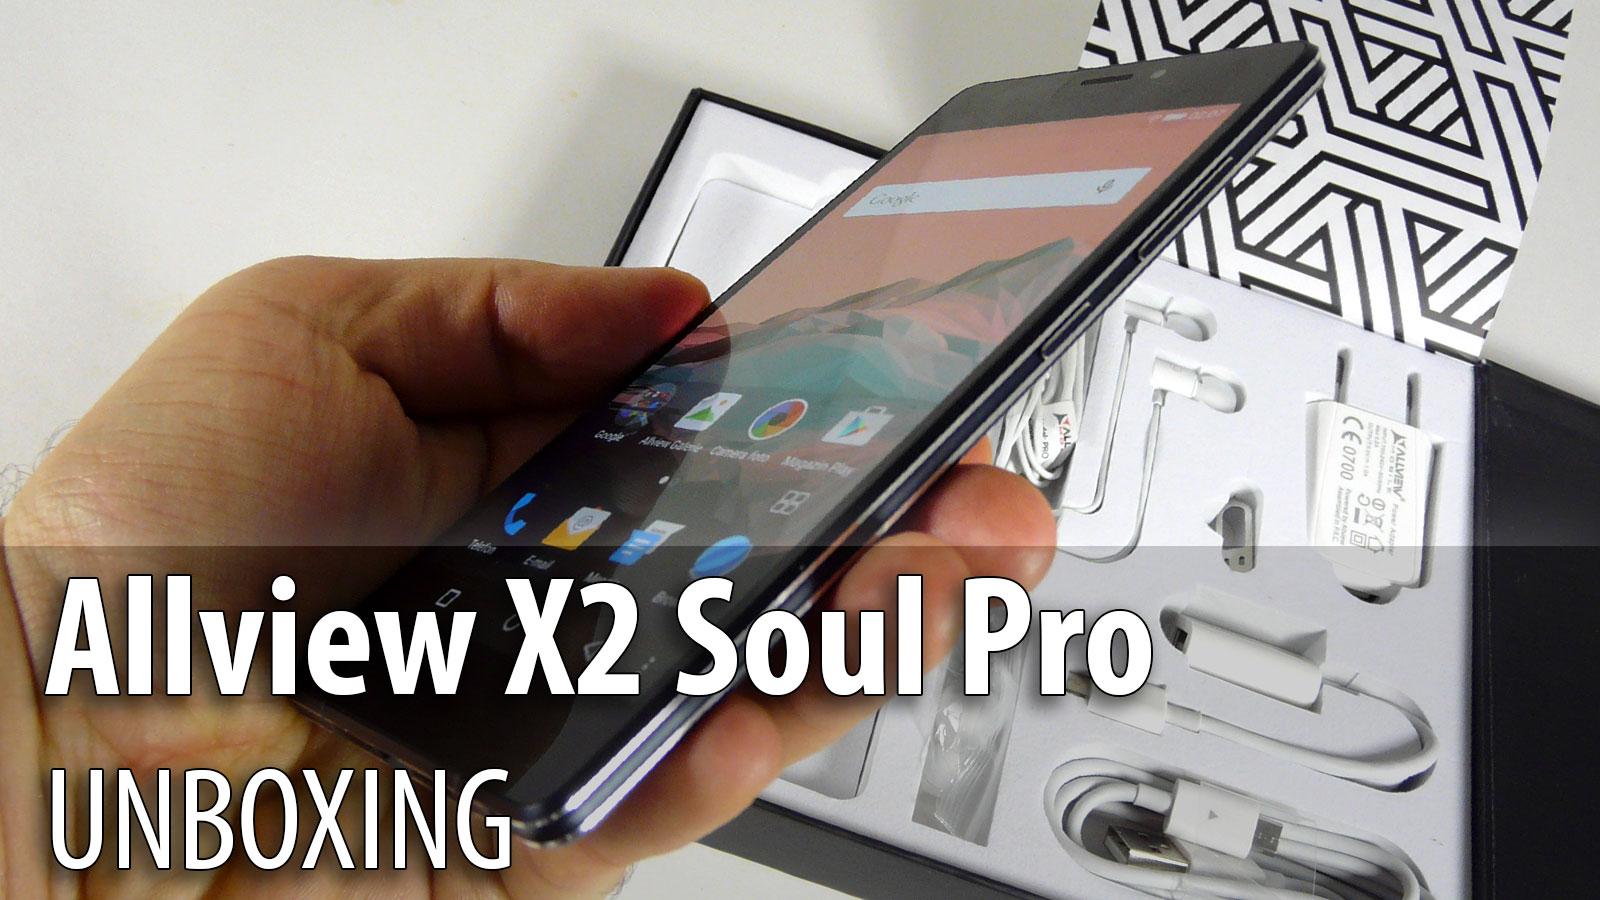 Allview X2 Soul Pro Unboxing